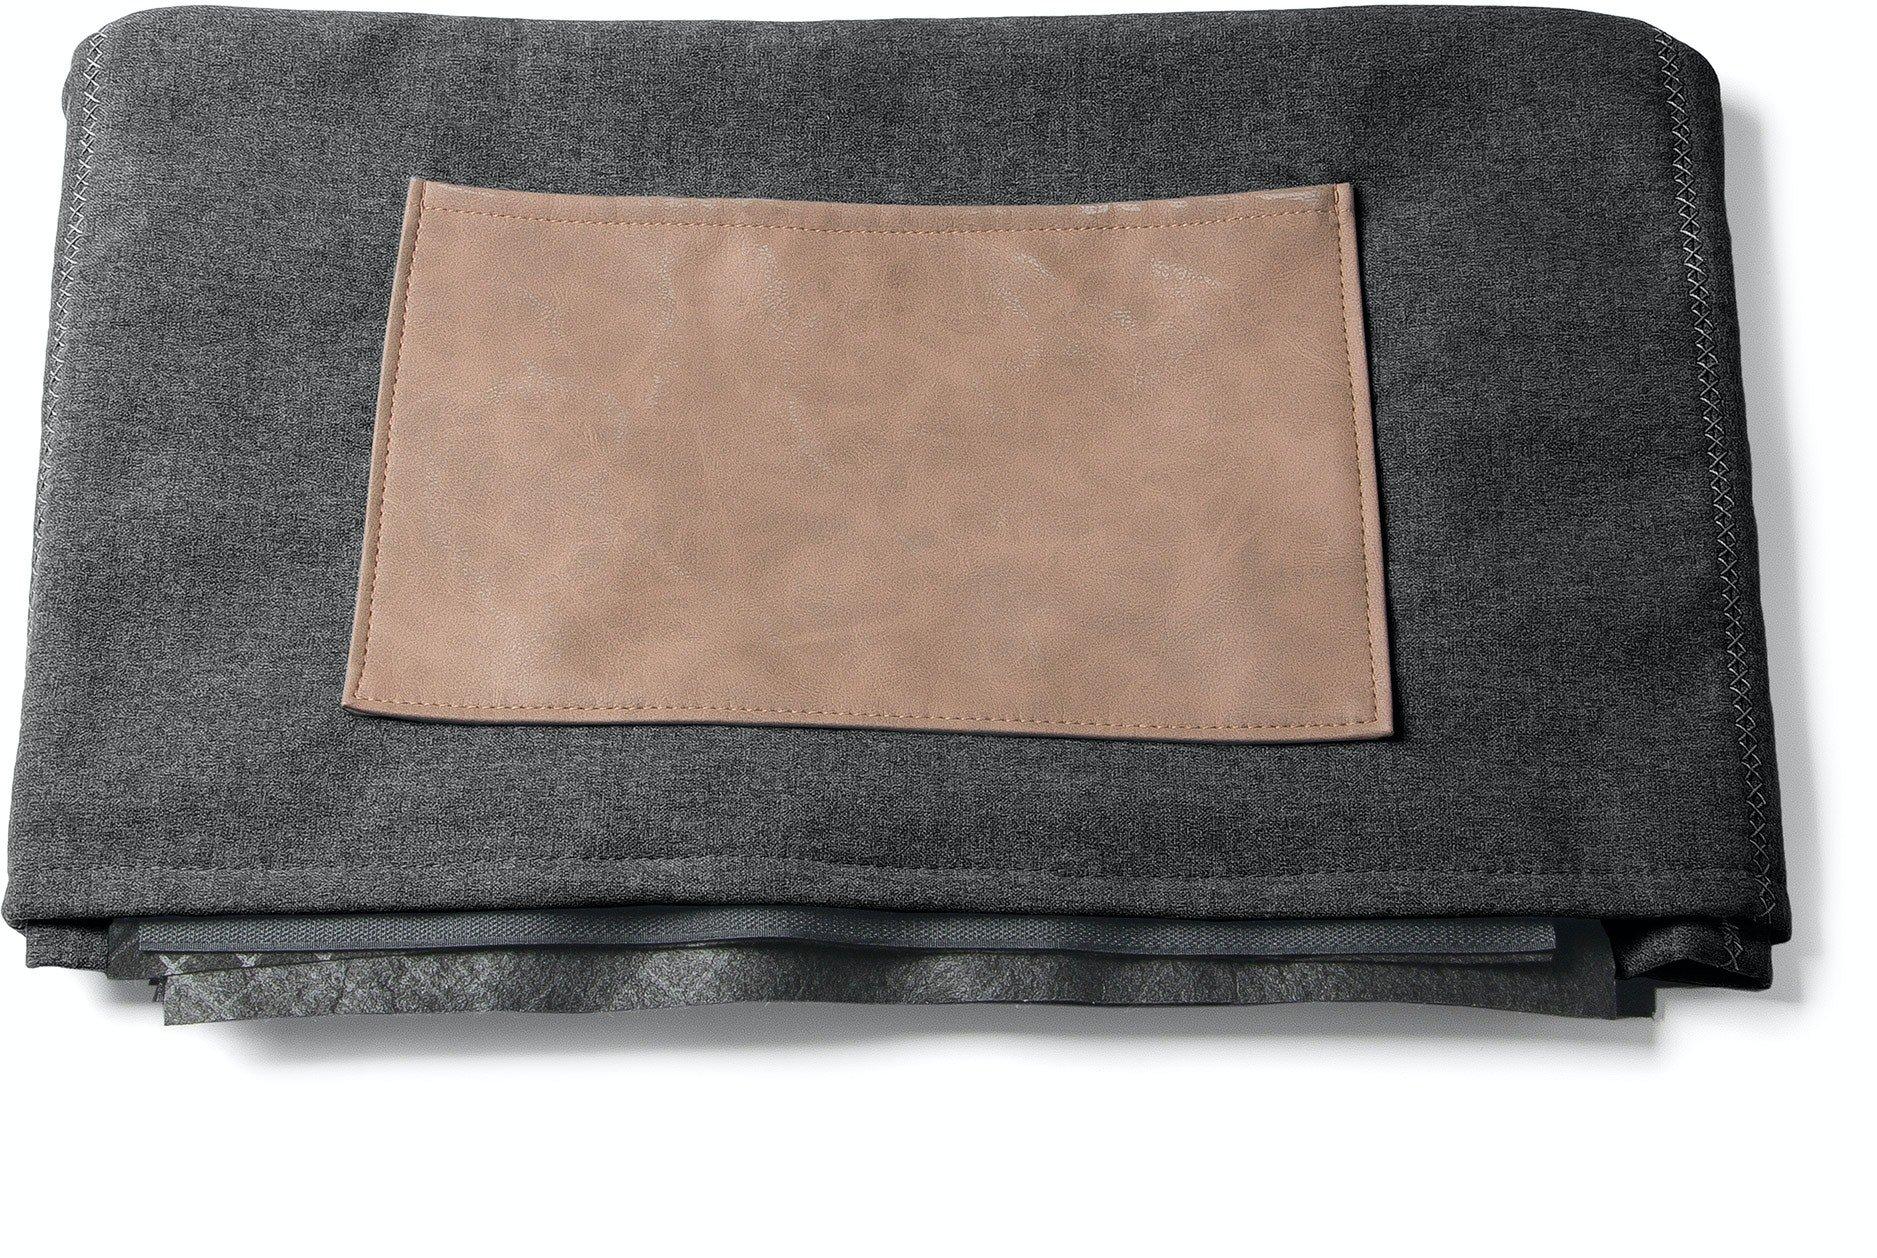 Kos, Pouf sengebetræk by LaForma (H: 40 cm. B: 70 cm. L: 60 cm., Mørkegrå)